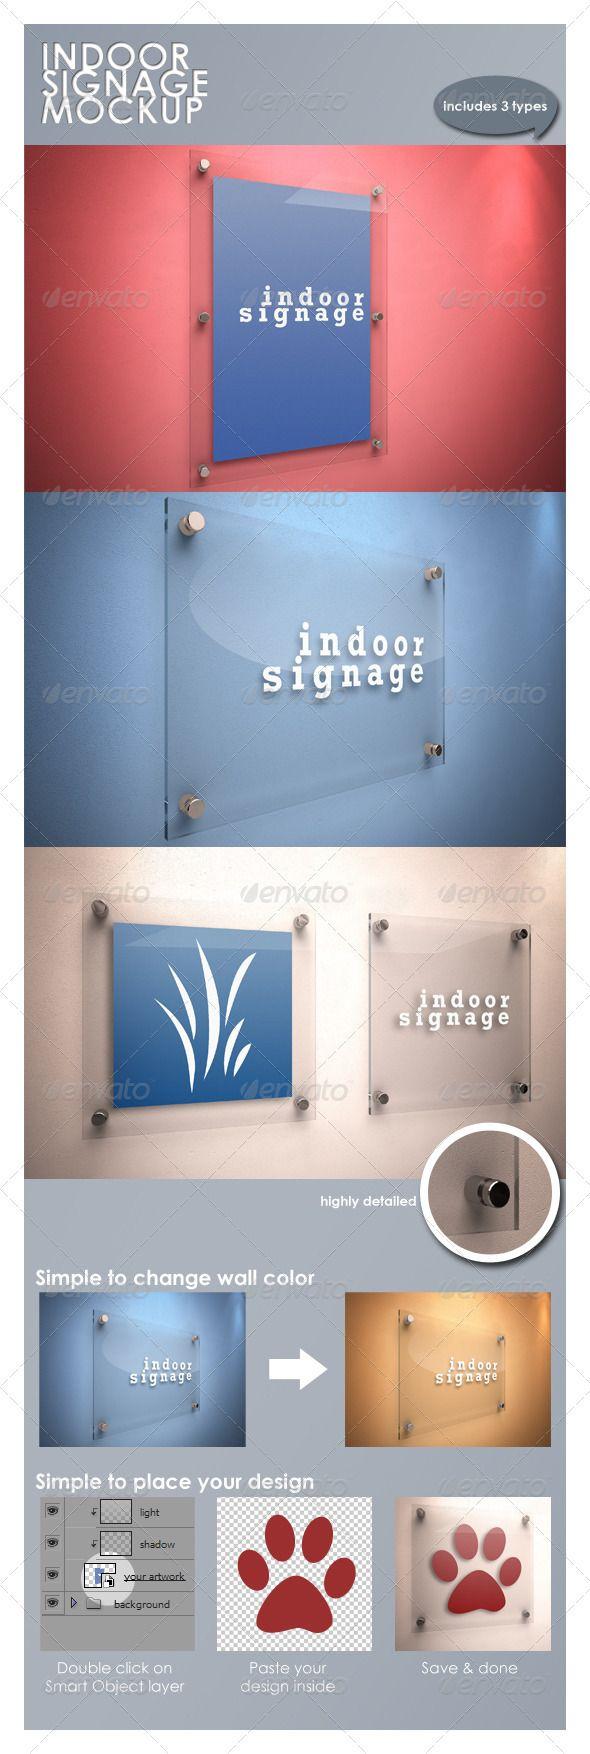 Indoor Signage Mockup - GraphicRiver Item for Sale